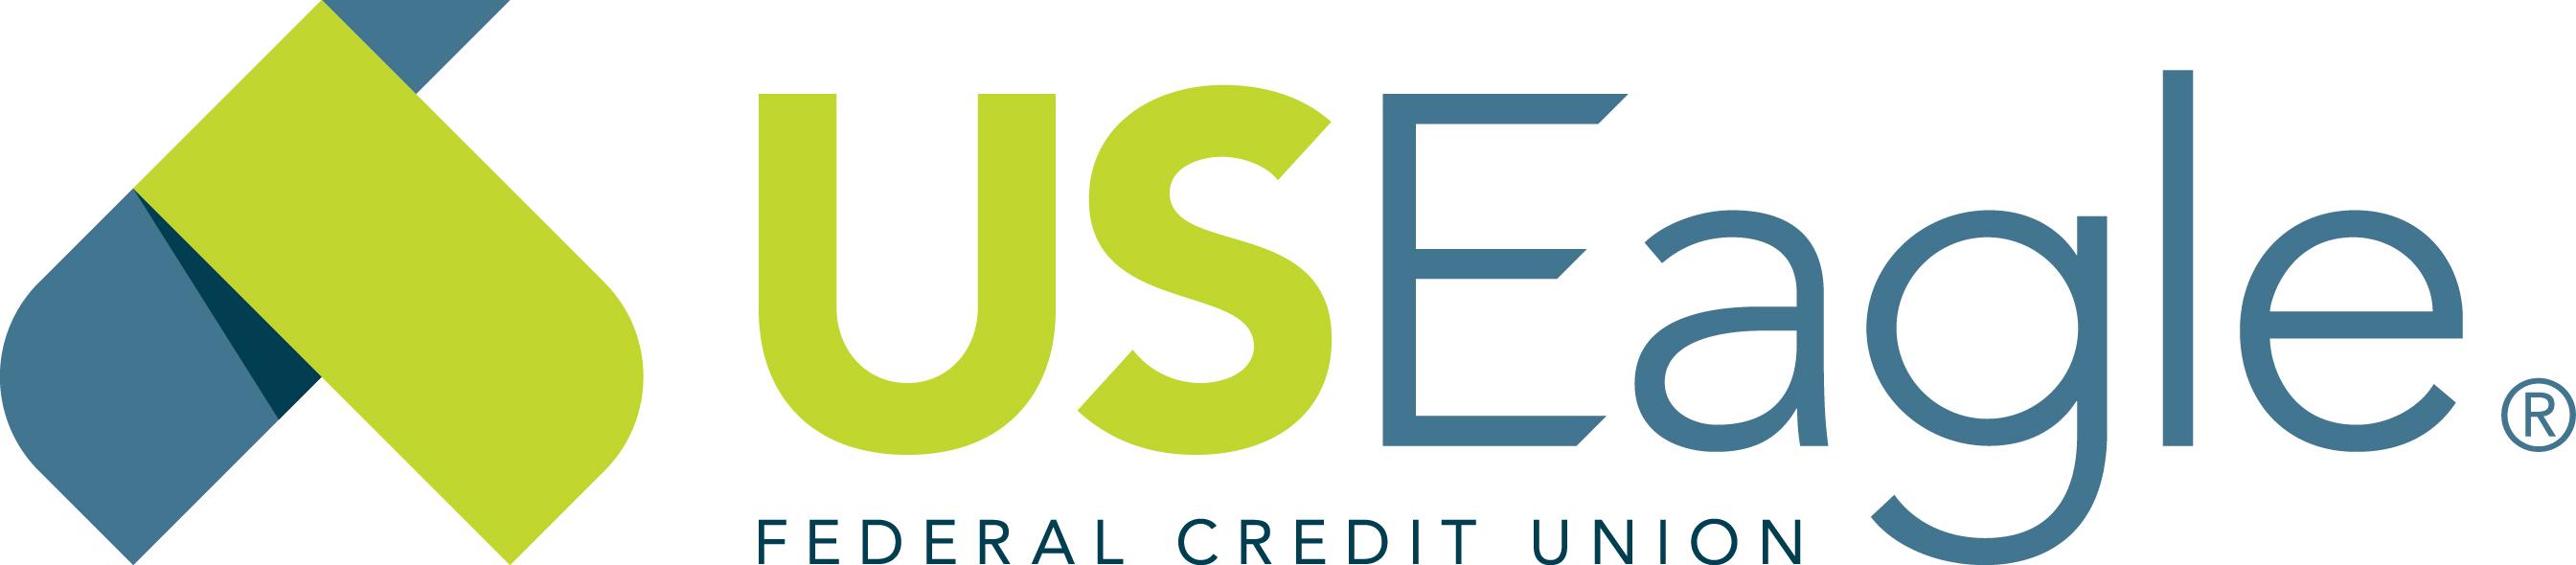 U.S. Eagle Bank